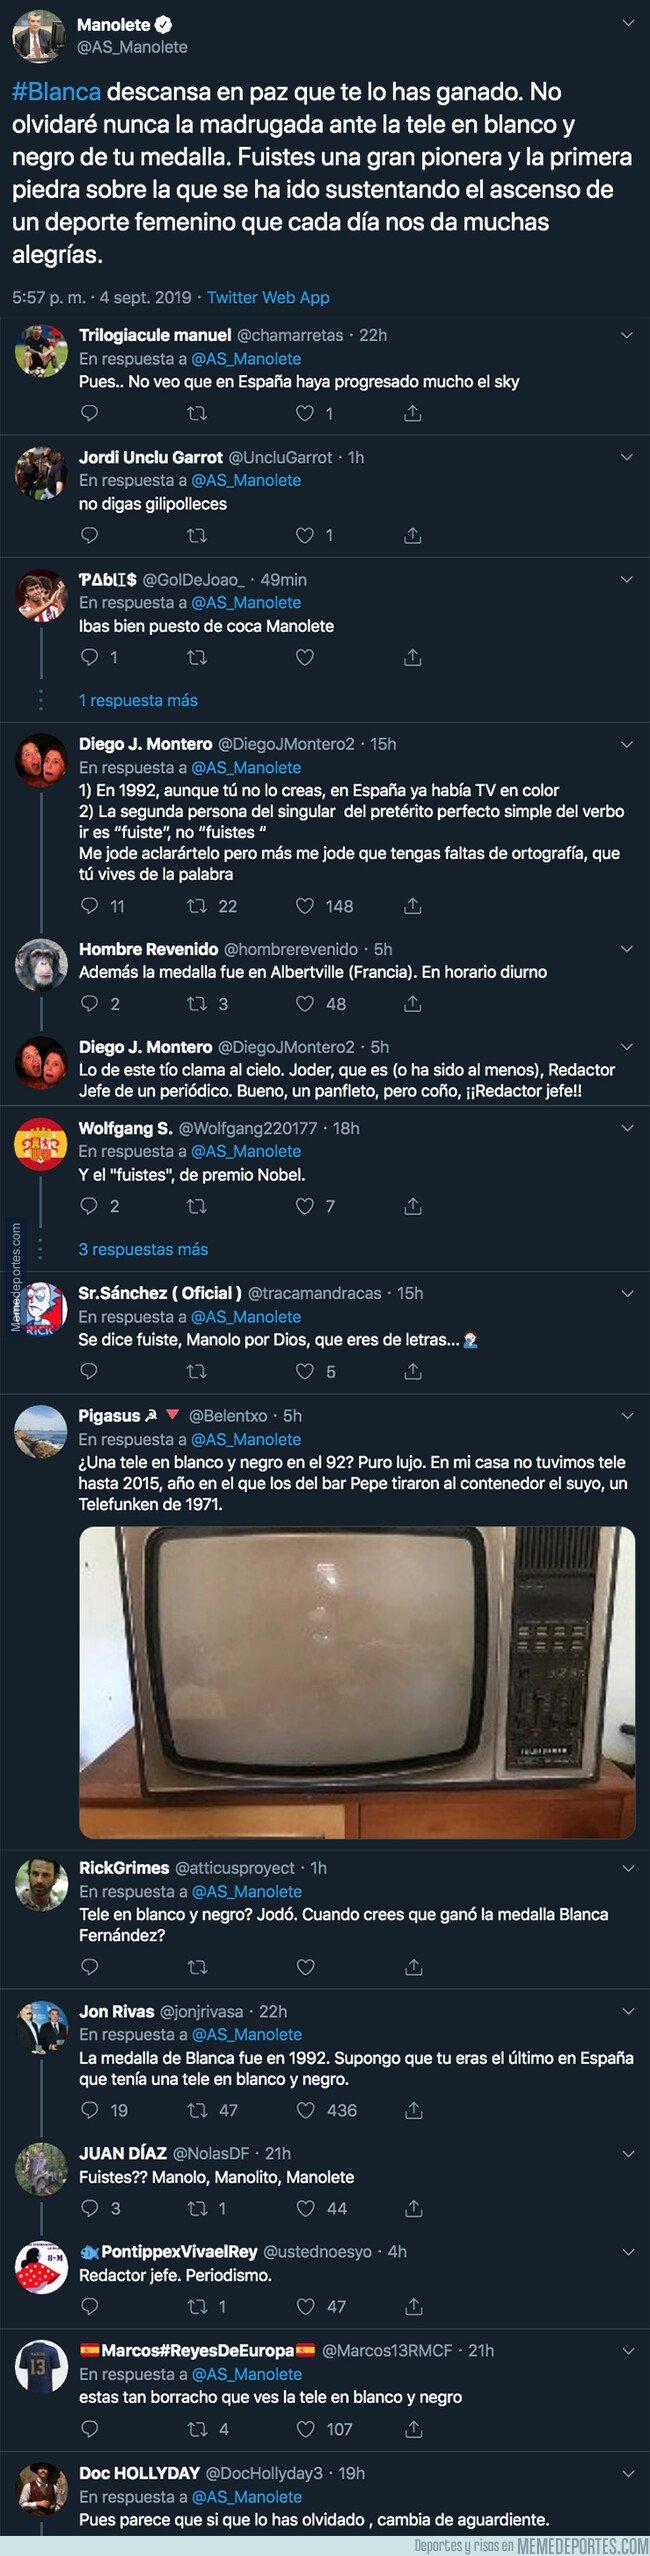 1085015 - El mensaje de Manolete hacia la fallecida Blanca Fernández Ochoa por el que todo el mundo se está cachondeando por la locura que ha escrito